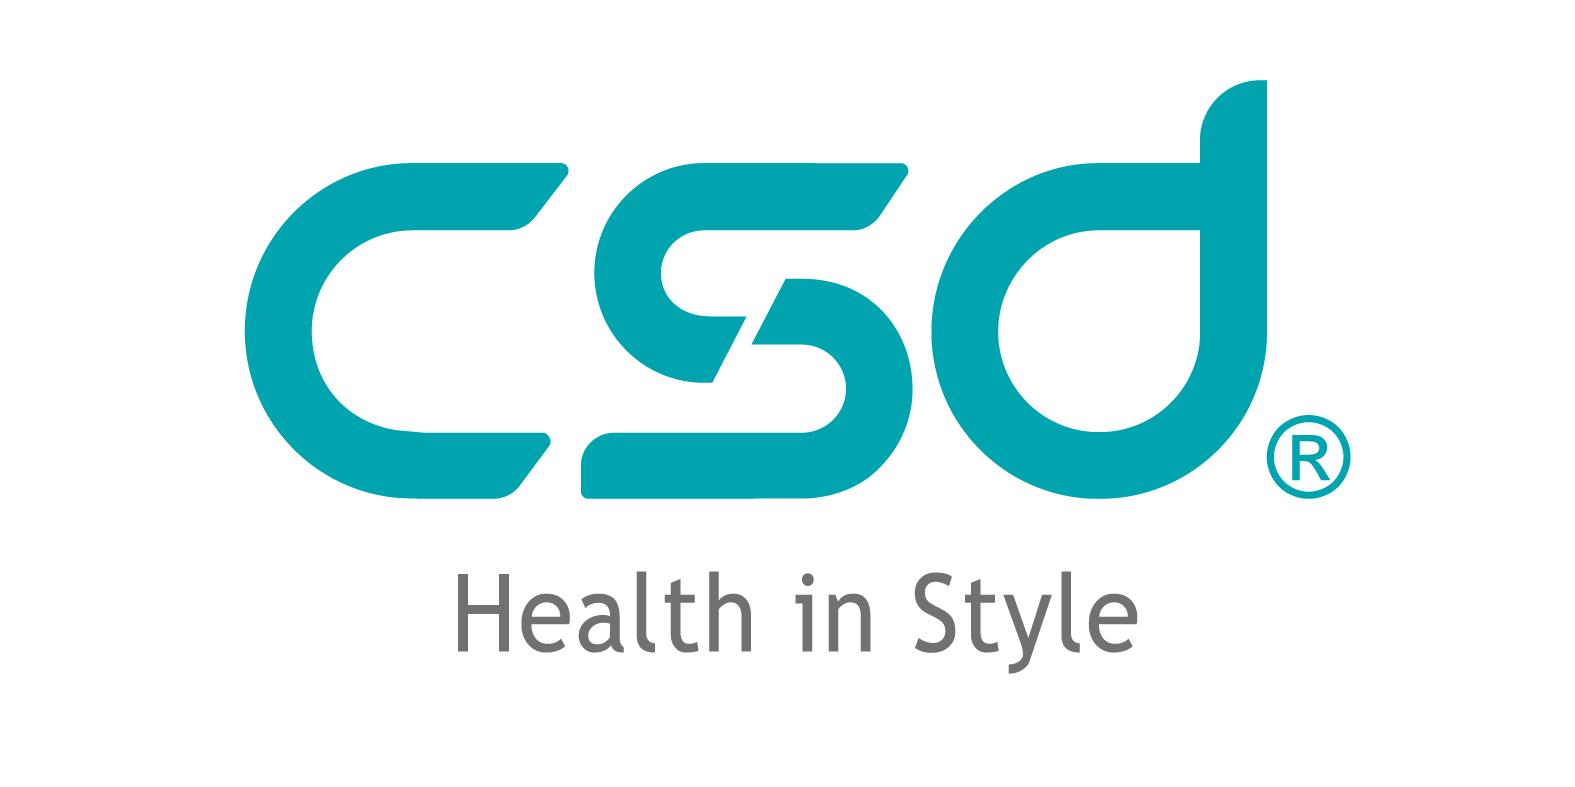 中國衛生材料生產中心股份有限公司-Logo